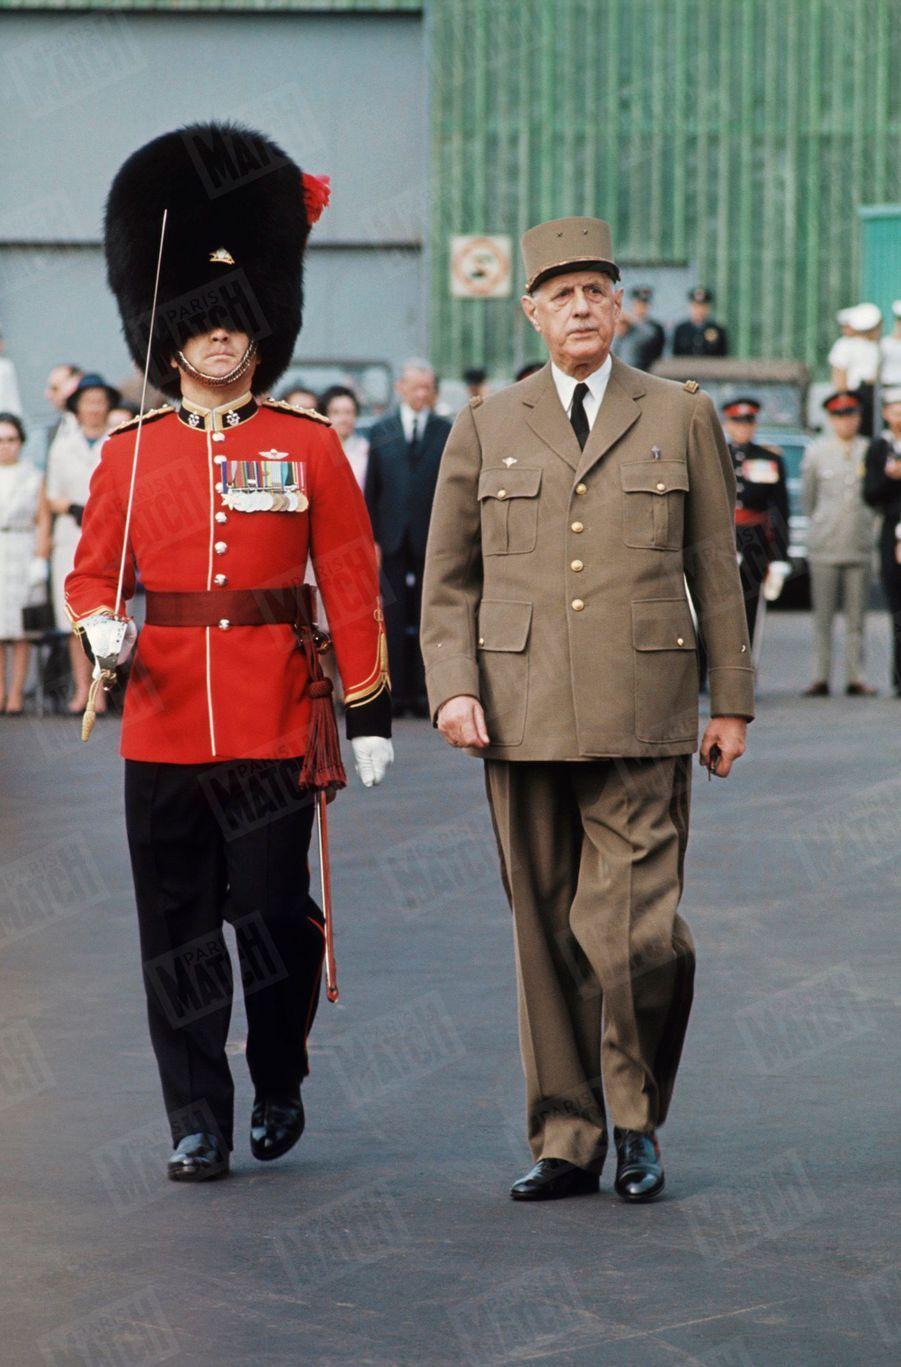 Le Général Charles de Gaulle lors de sa visite officielle de l'exposition universelle au Canada. 1967.